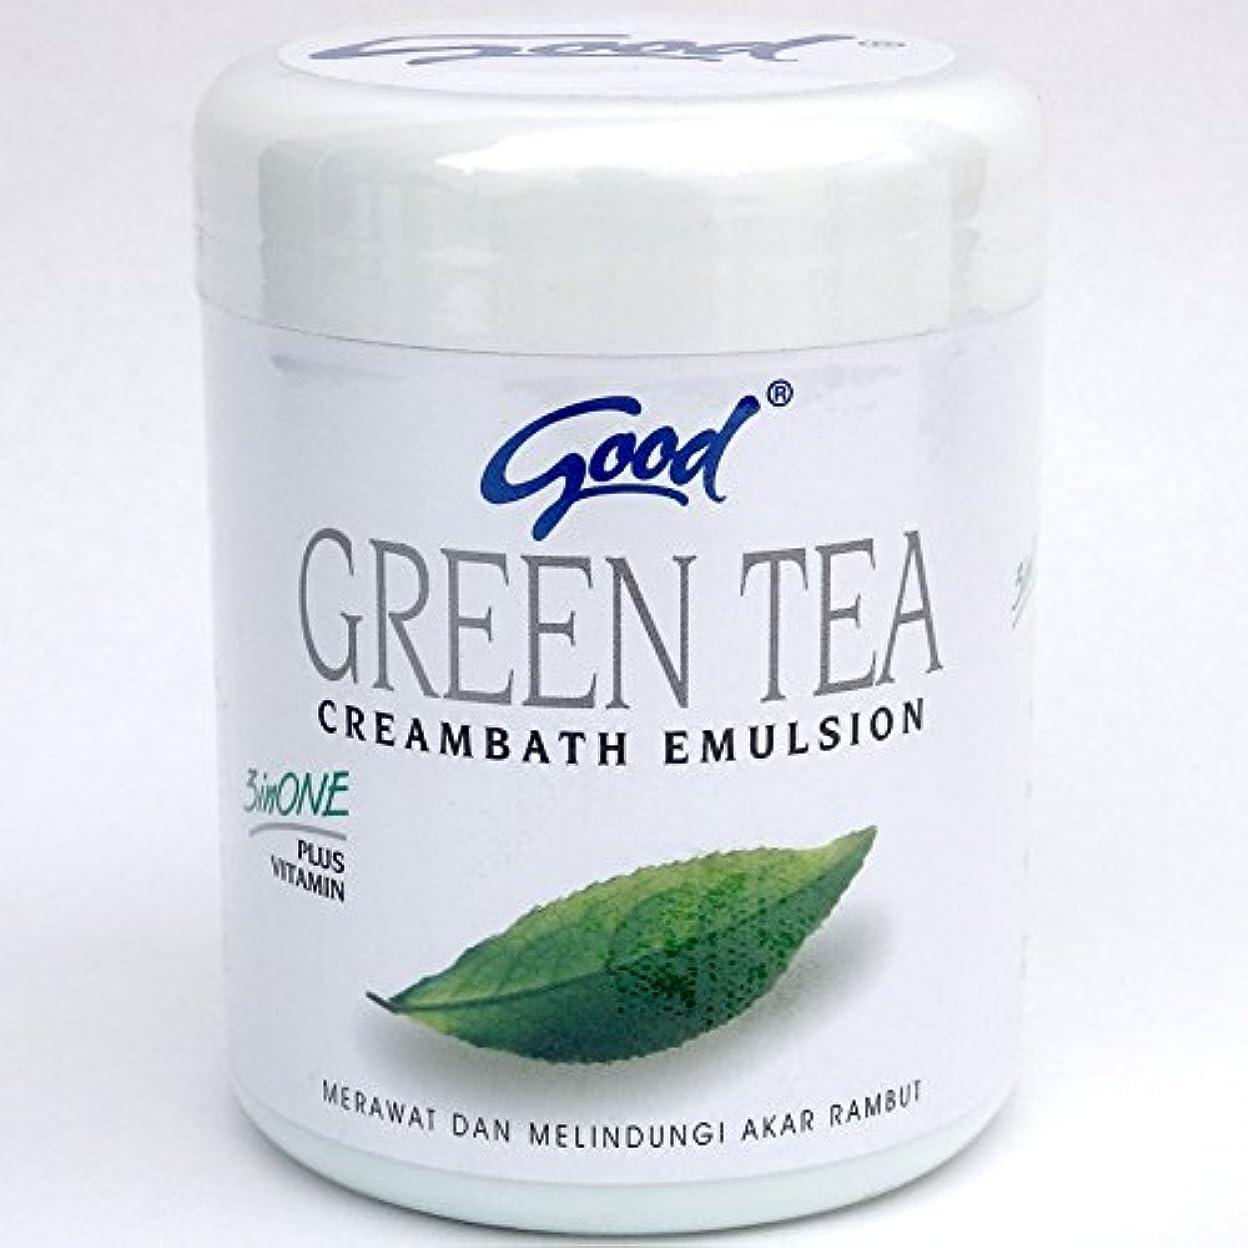 夜間ボア小屋good グッド インドネシアバリ島の伝統的なヘッドスパクリーム Creambath Emulsion クリームバス エマルション 680g GreenTea グリーンティー [海外直送品]